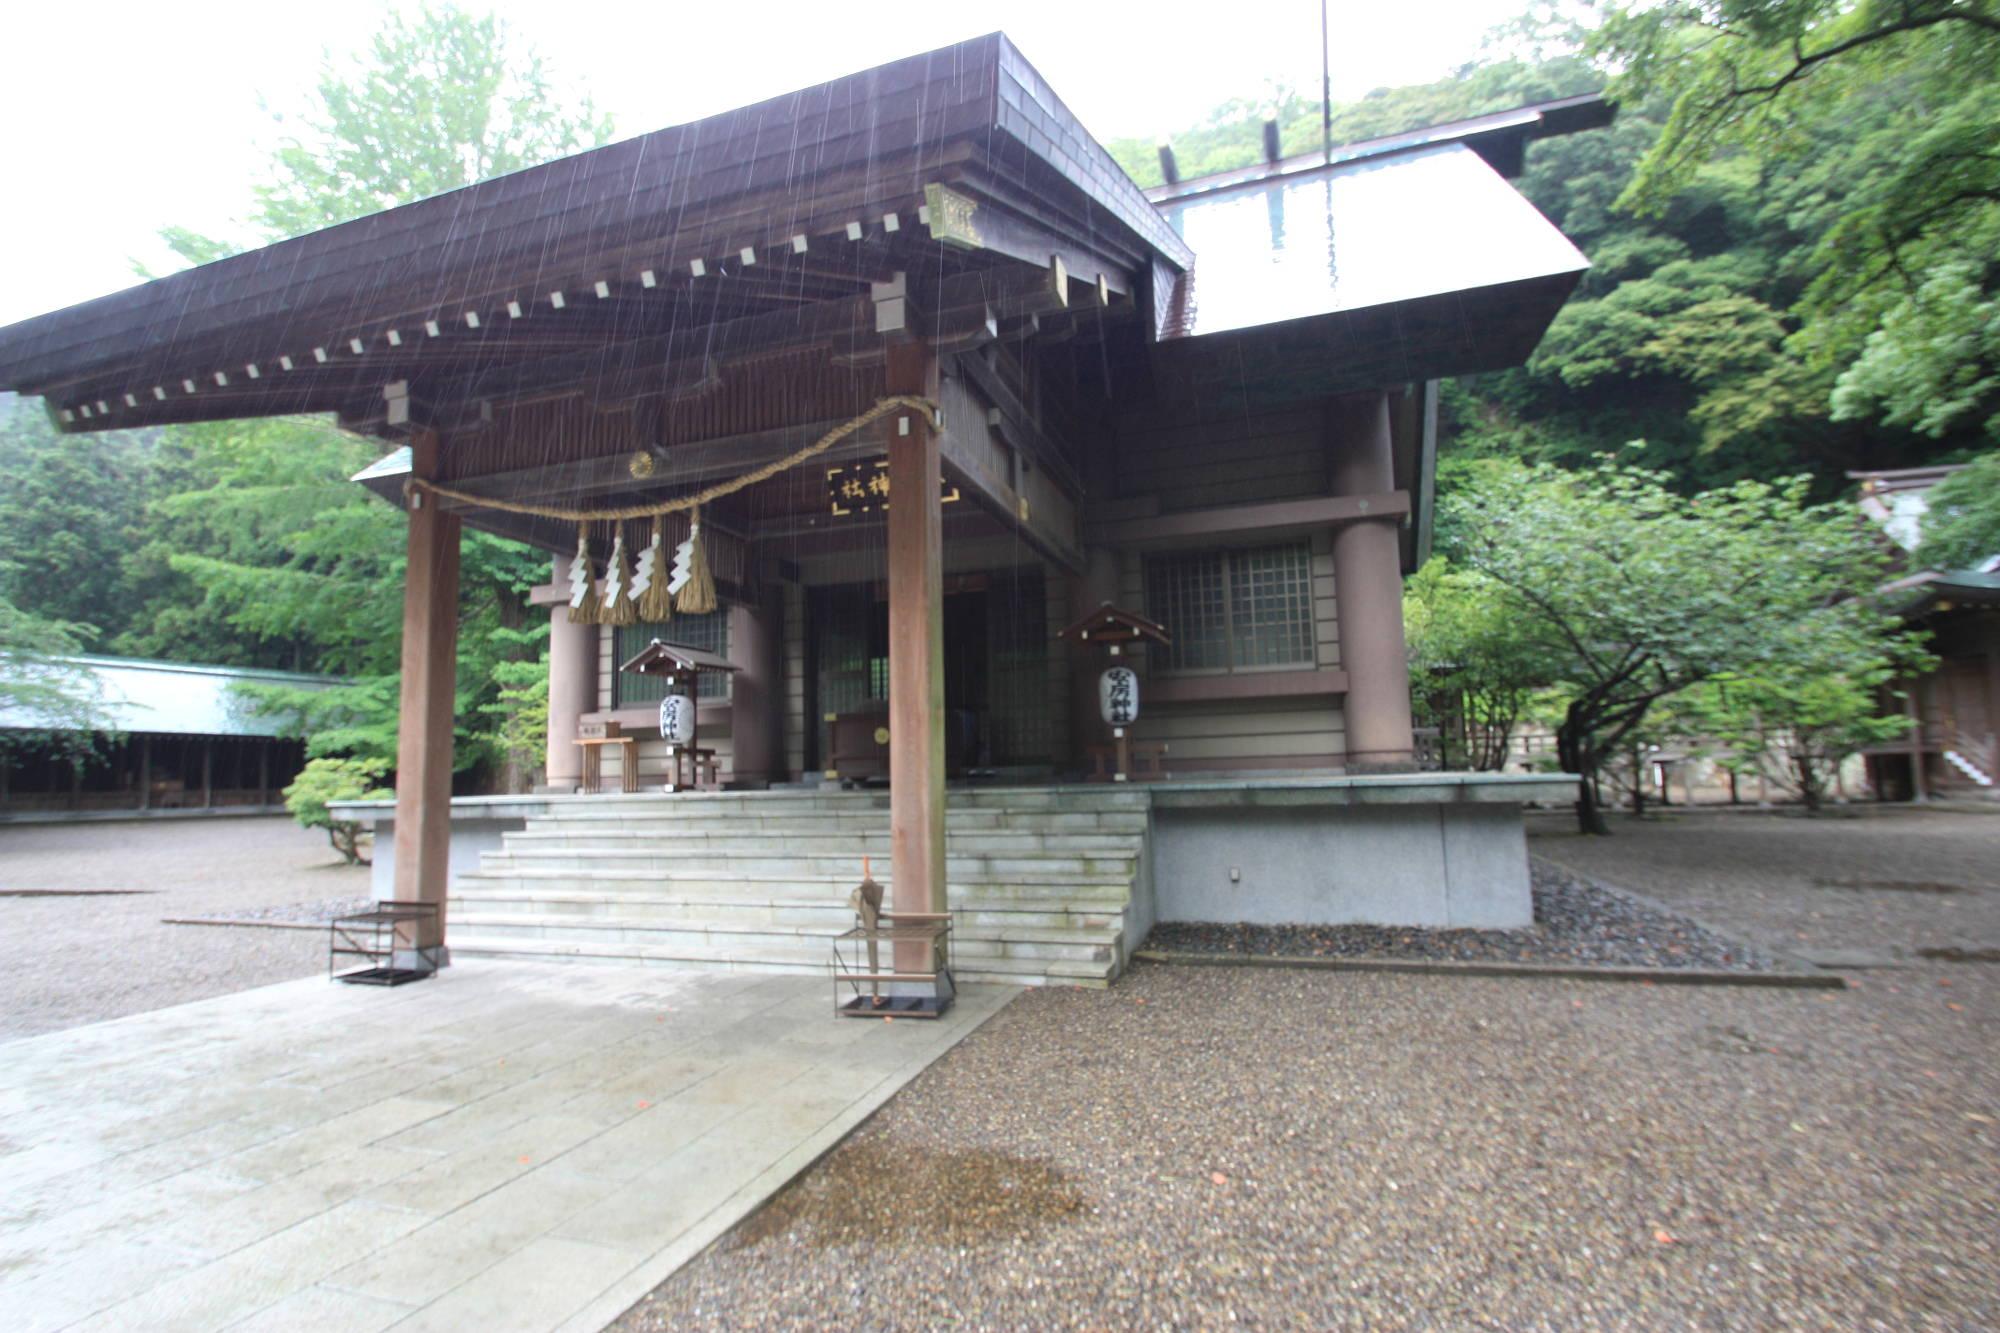 安房神社の社殿(本殿)